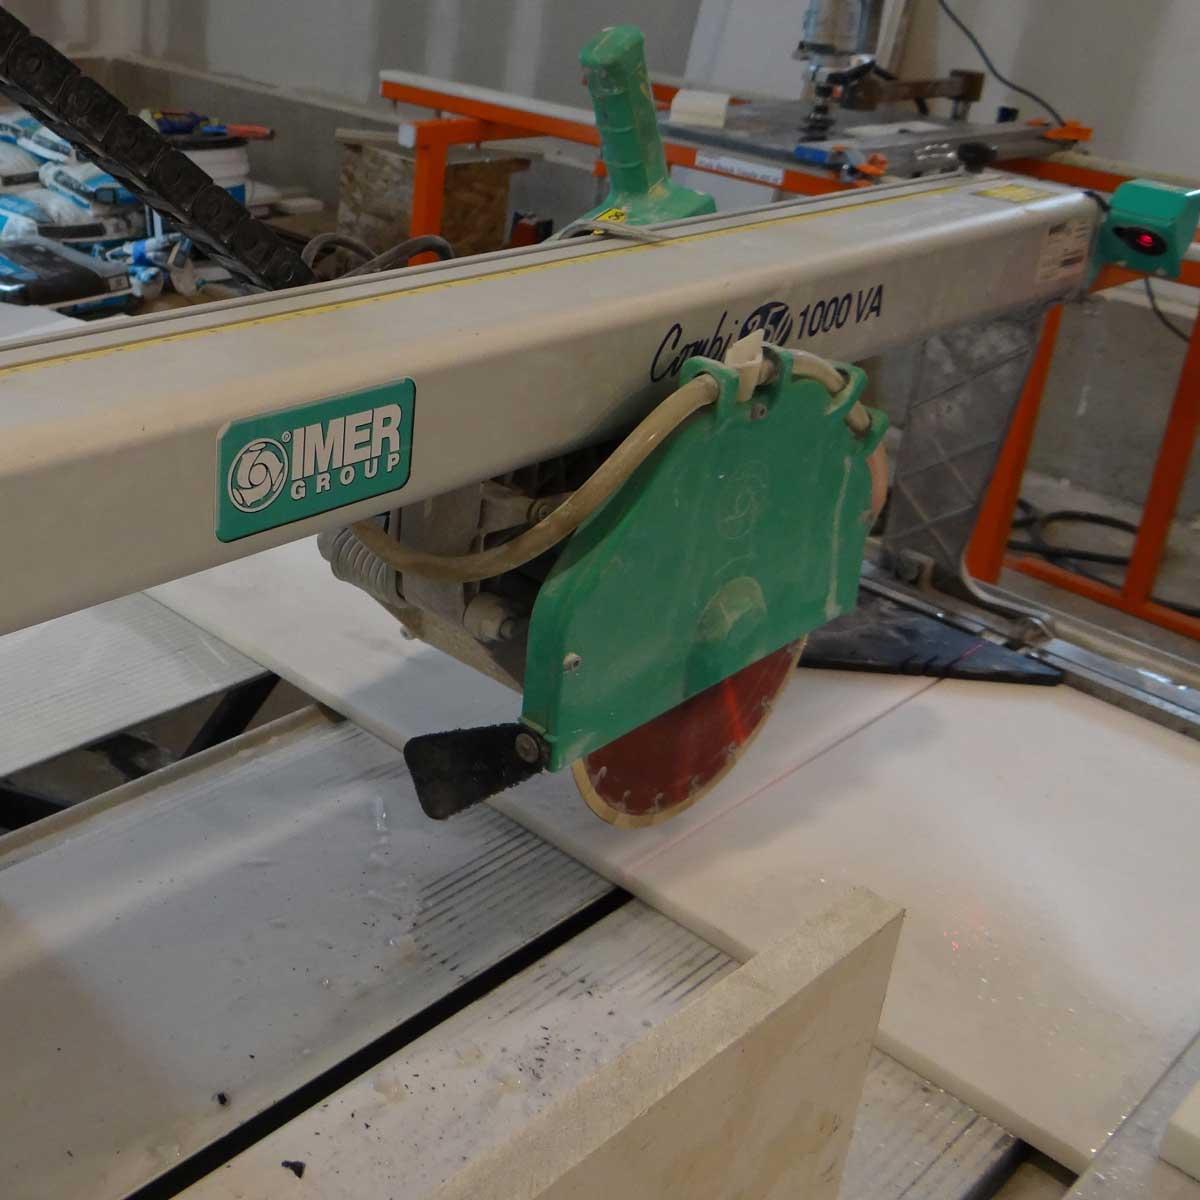 Imer Combicut 250 1000va Lite Tile . Contractors Direct